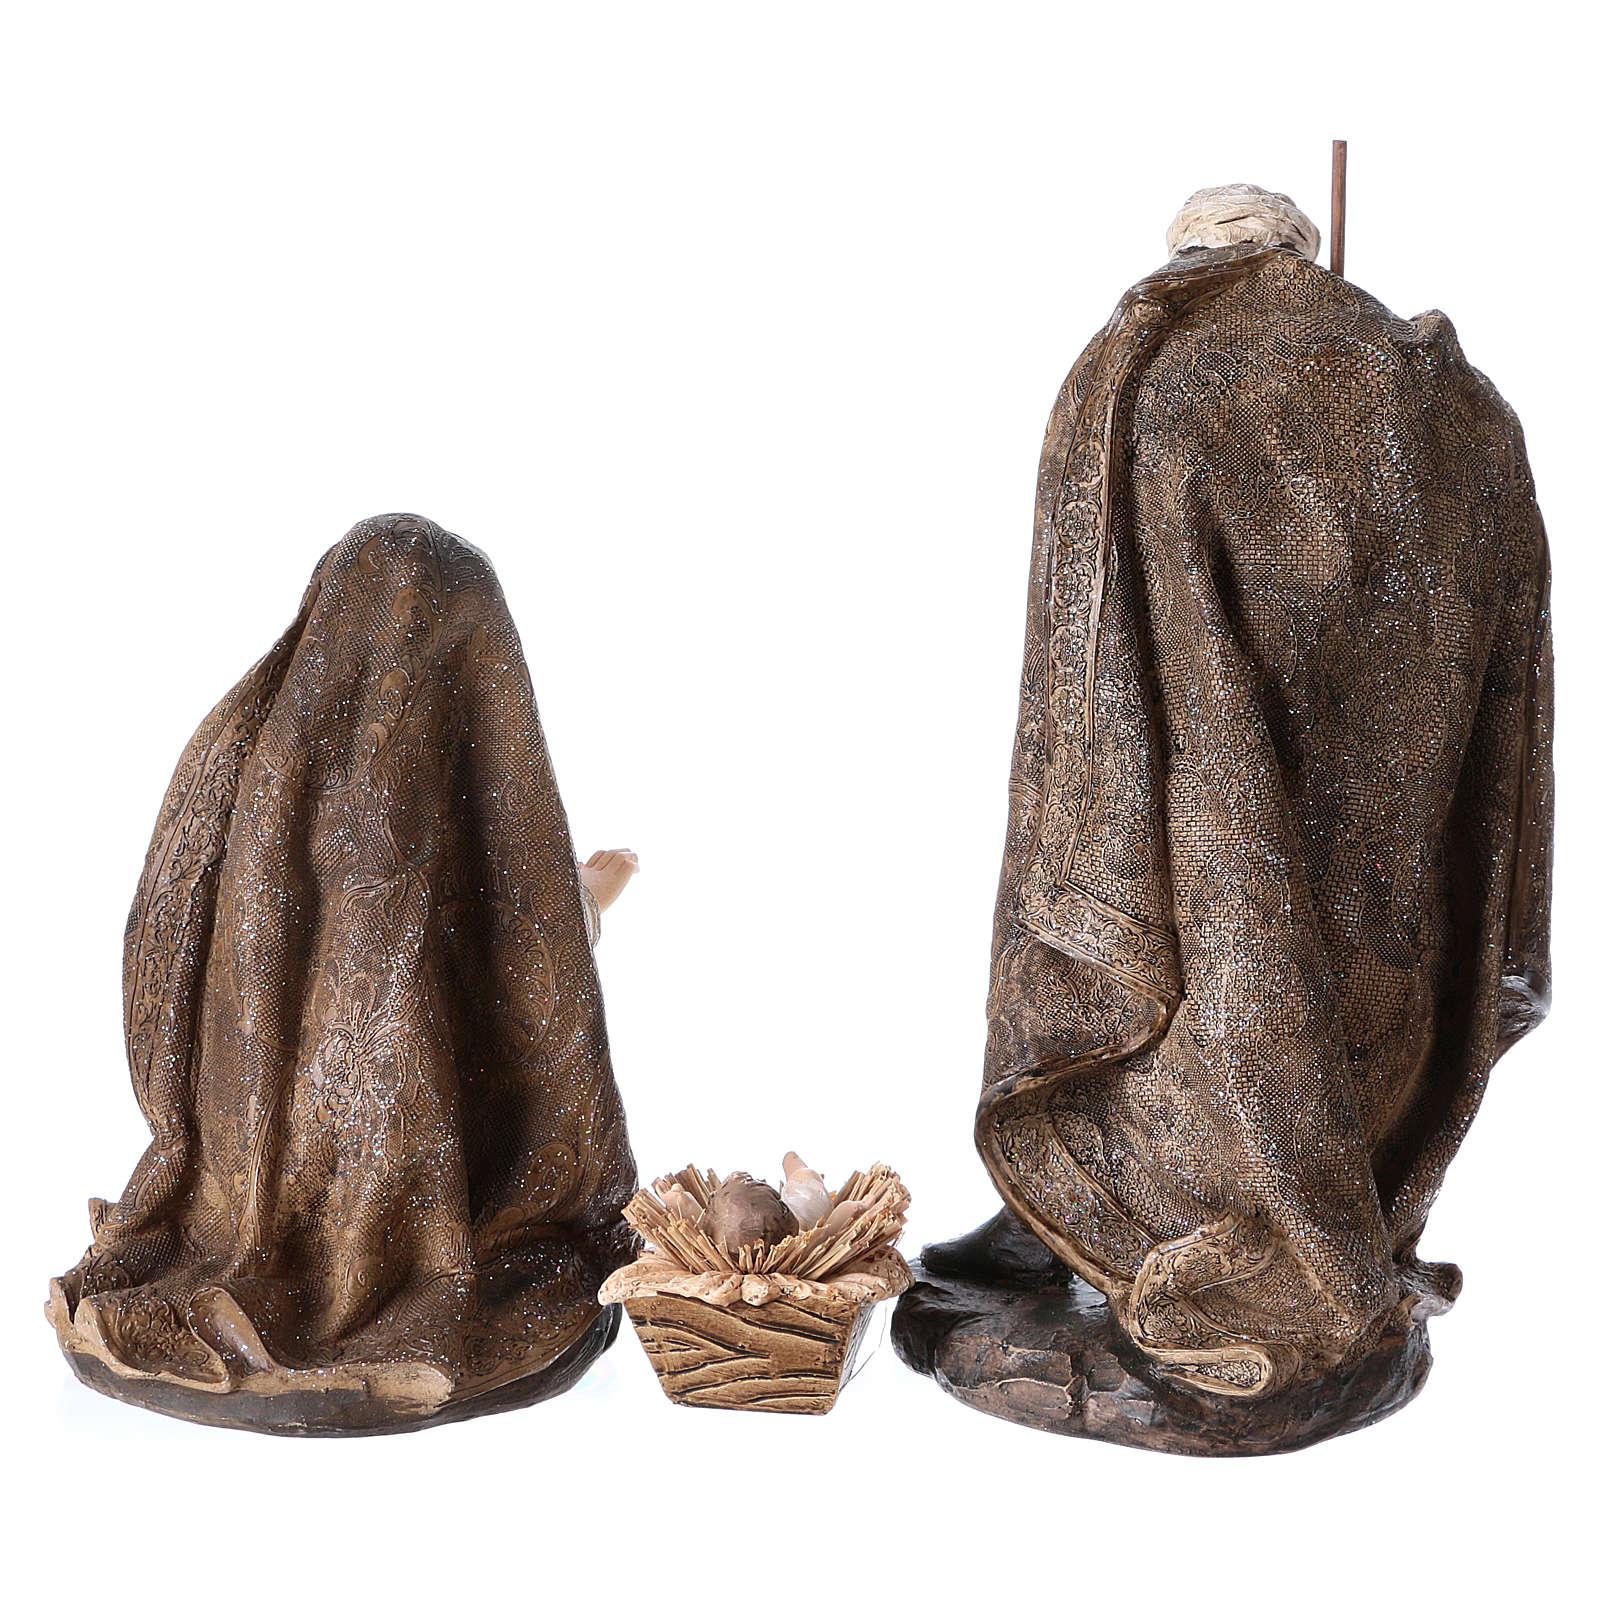 Natividade 3 peças com capa dourada para presépio com figuras altura média 32 cm 3